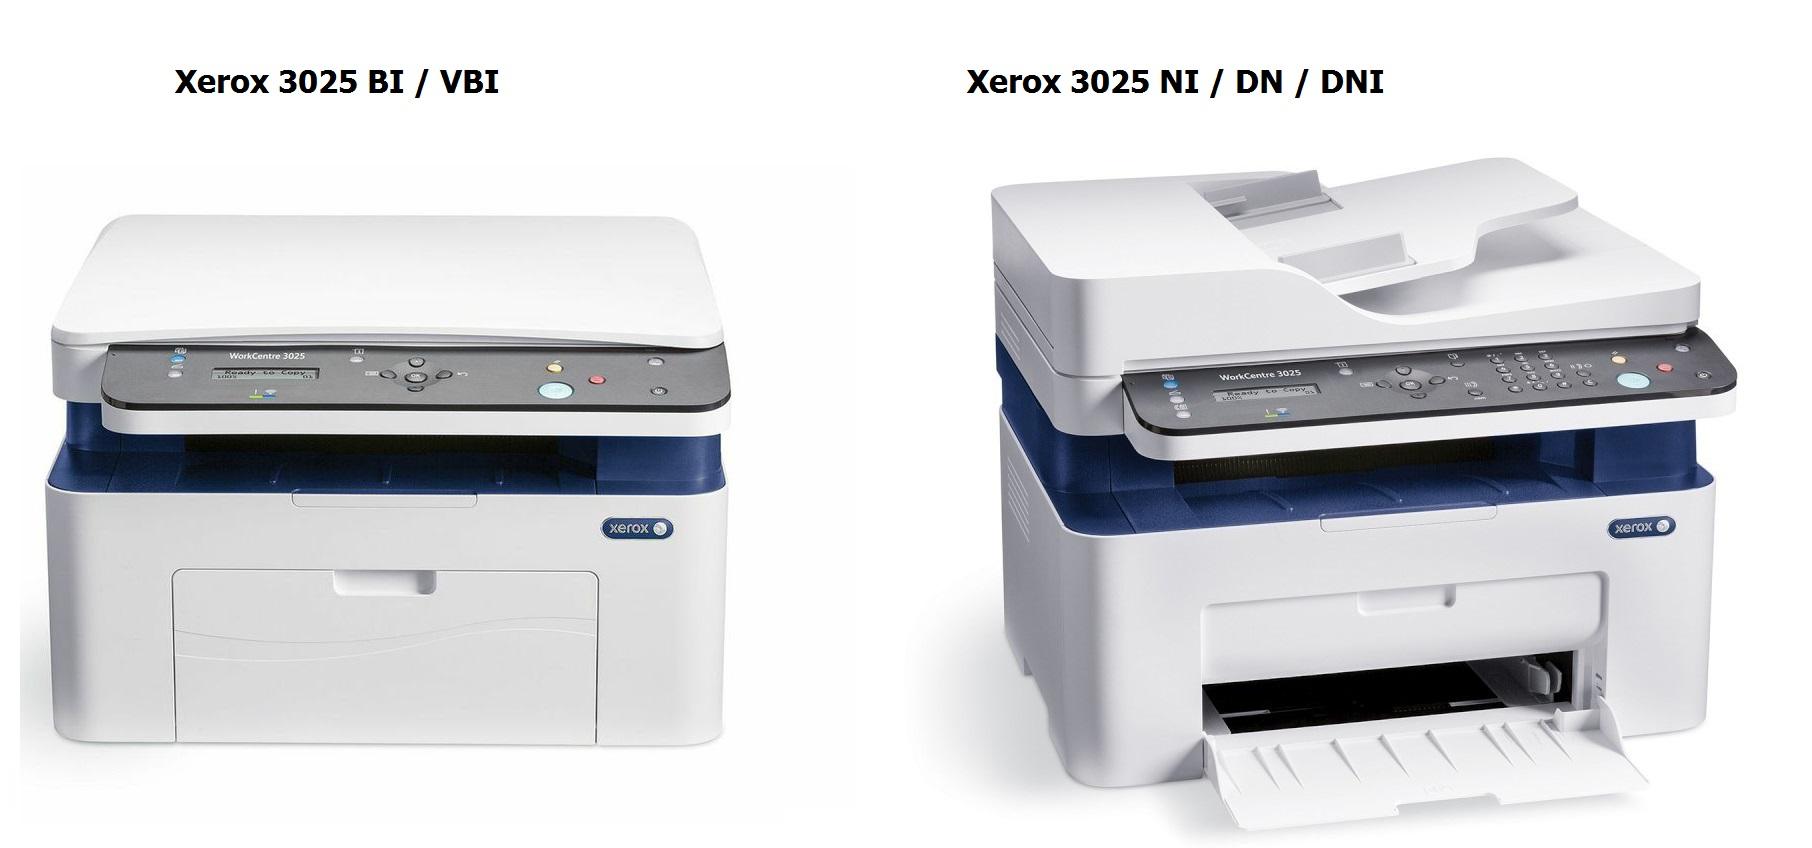 Reset Xerox WorkCentre 3025BI 3025NI 3025DN 3025 DNI